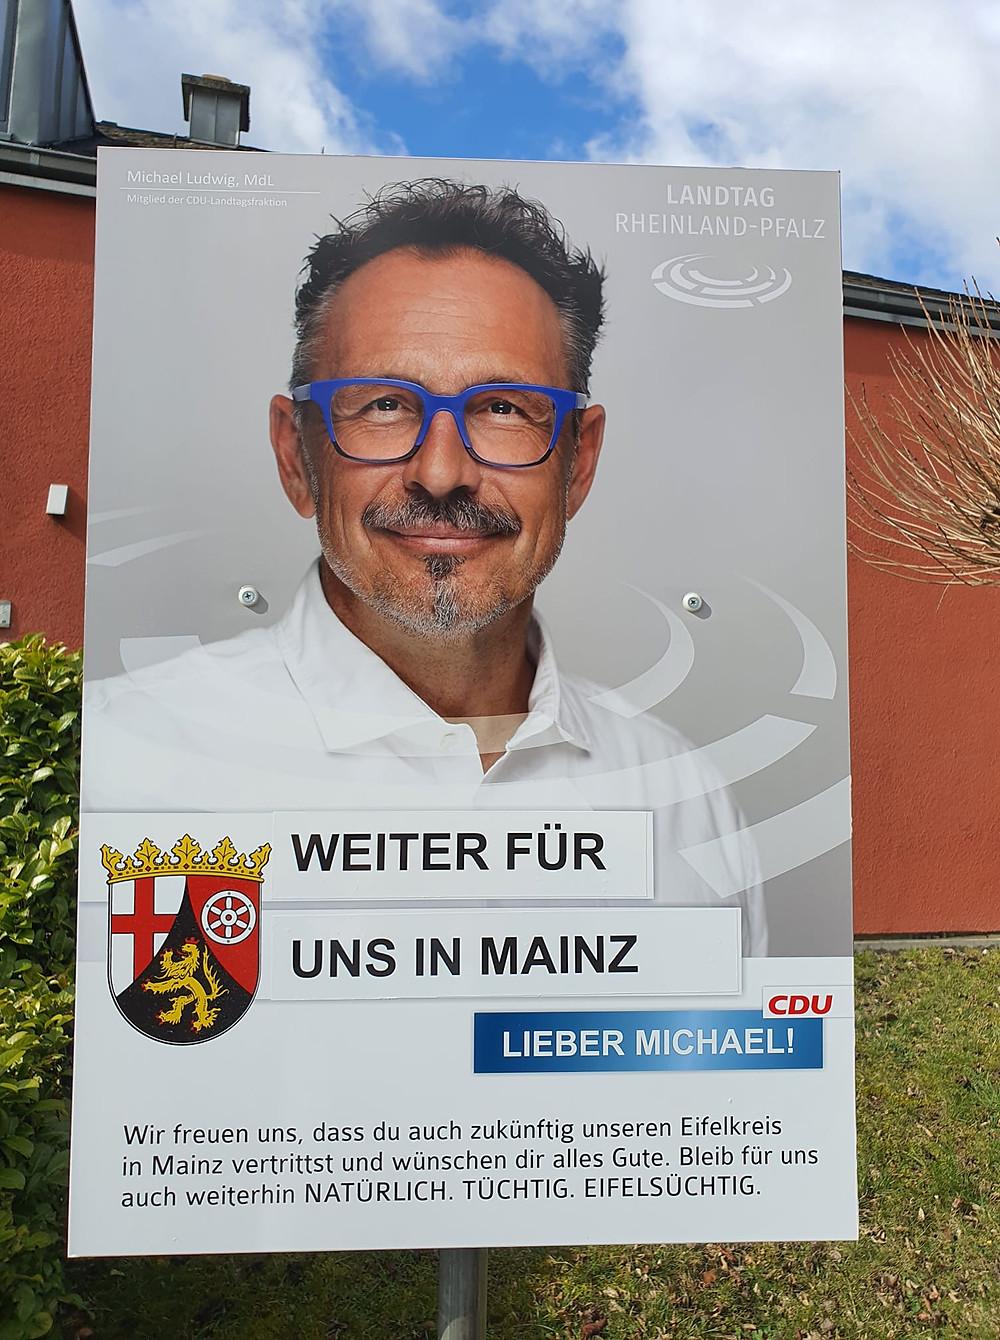 Michael Ludwig bleibt ein Mitglied des Landtags Rheinland-Pfalz